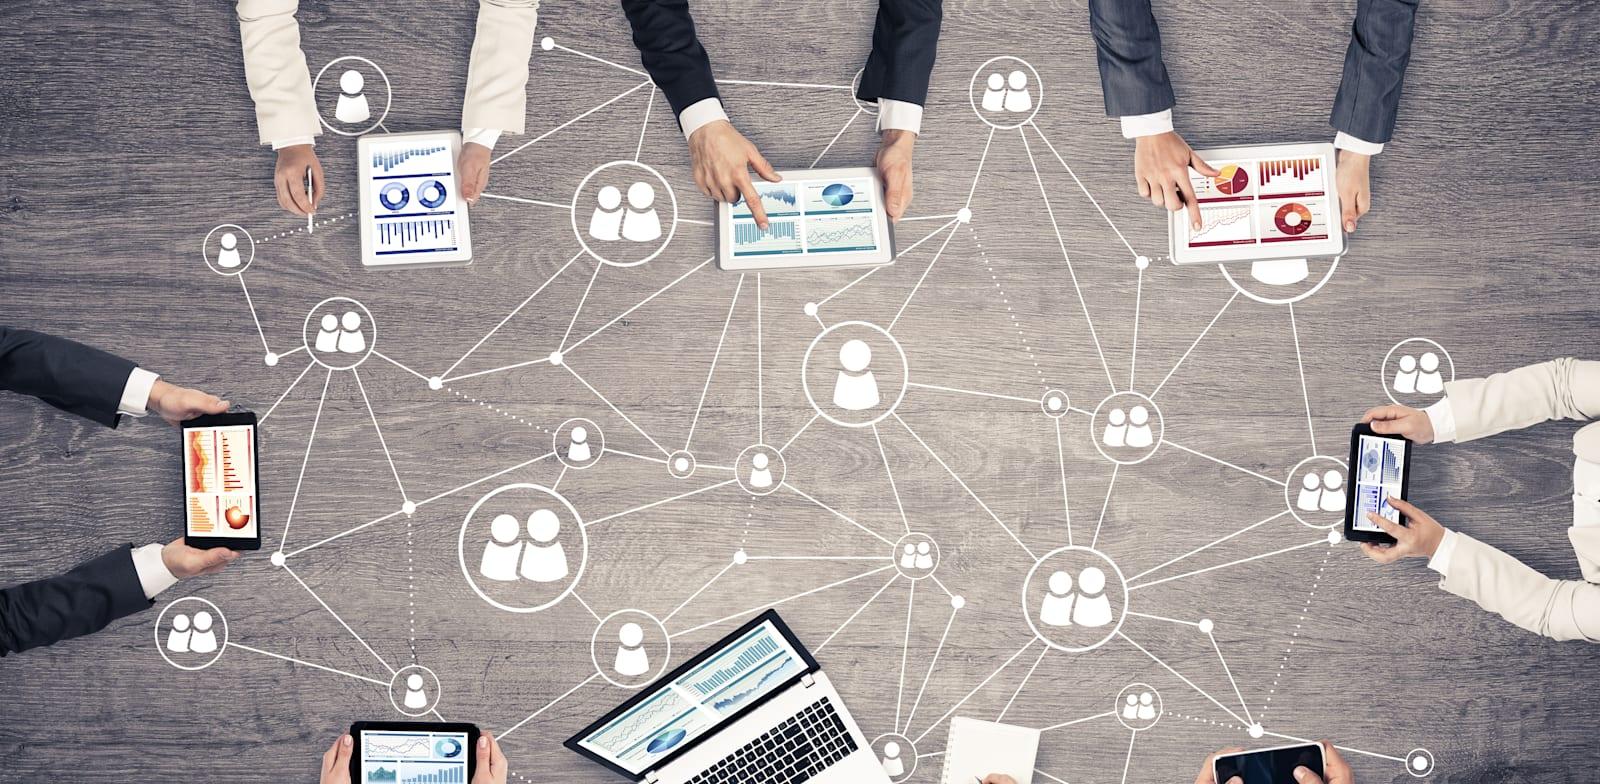 כישורים דיגיטליים טכנולוגיים, הם המפתח להסתגלות מהירה לעולם העבודה העתידי